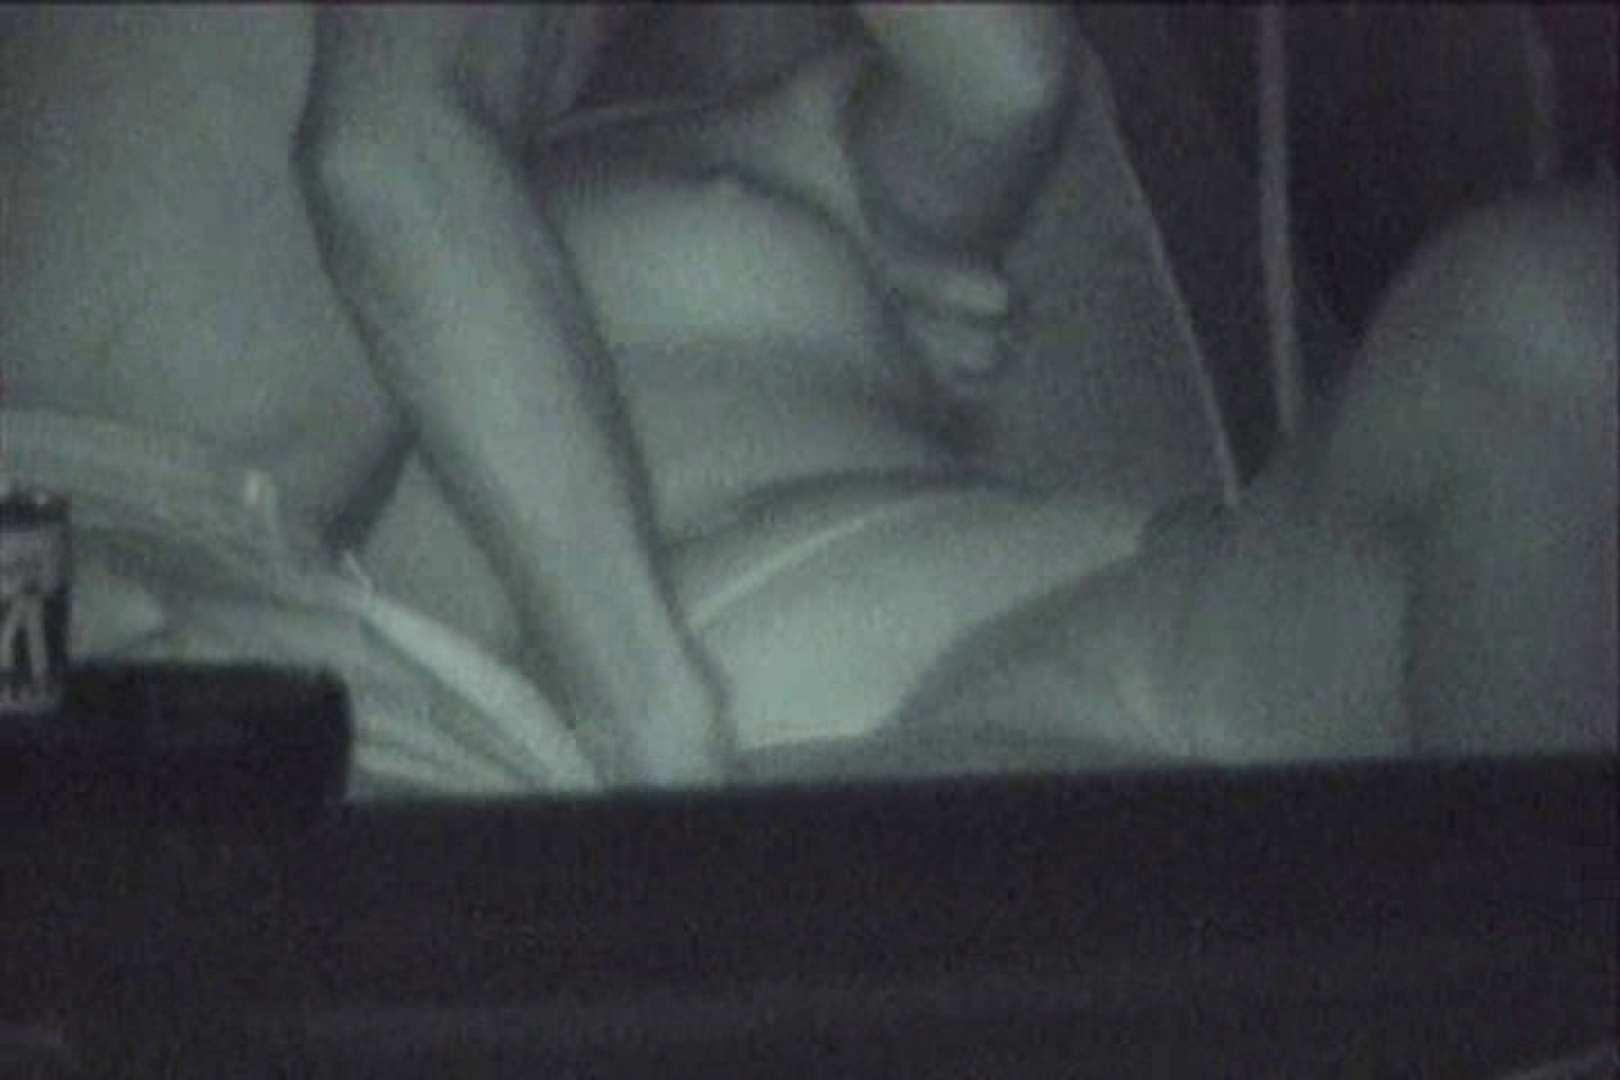 車の中はラブホテル 無修正版  Vol.21 車  109画像 72